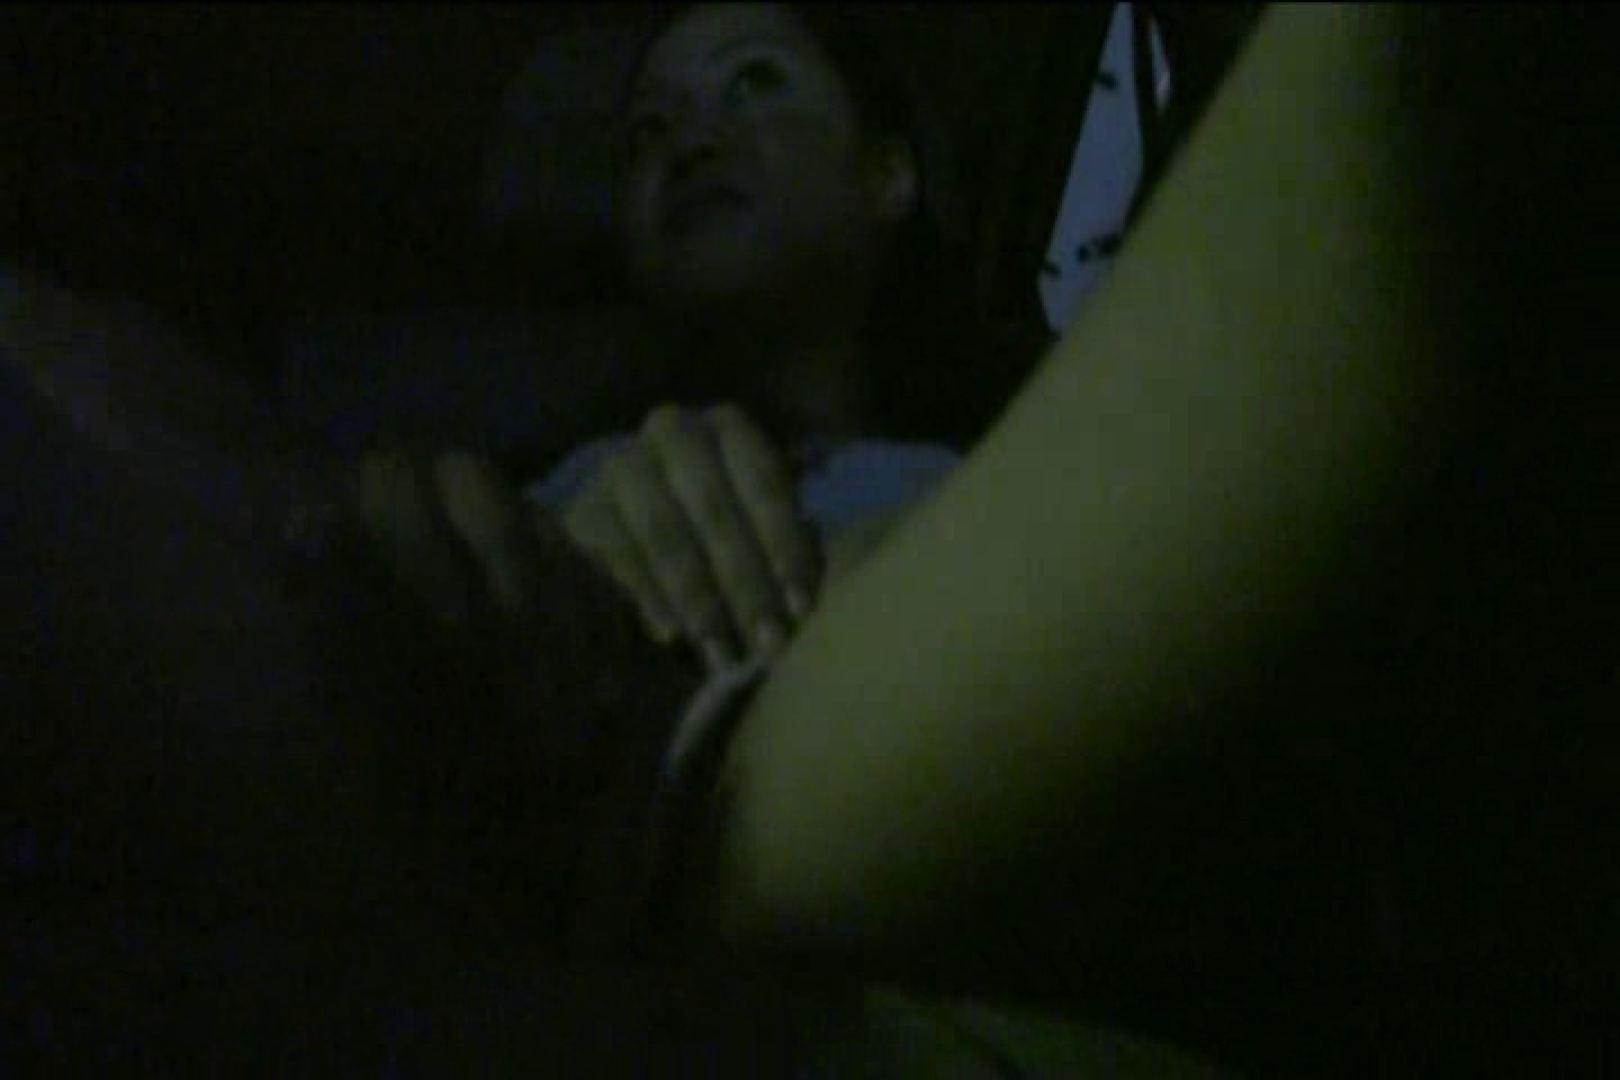 車内で初めまして! vol01 ハプニング特集 セックス無修正動画無料 9枚 8